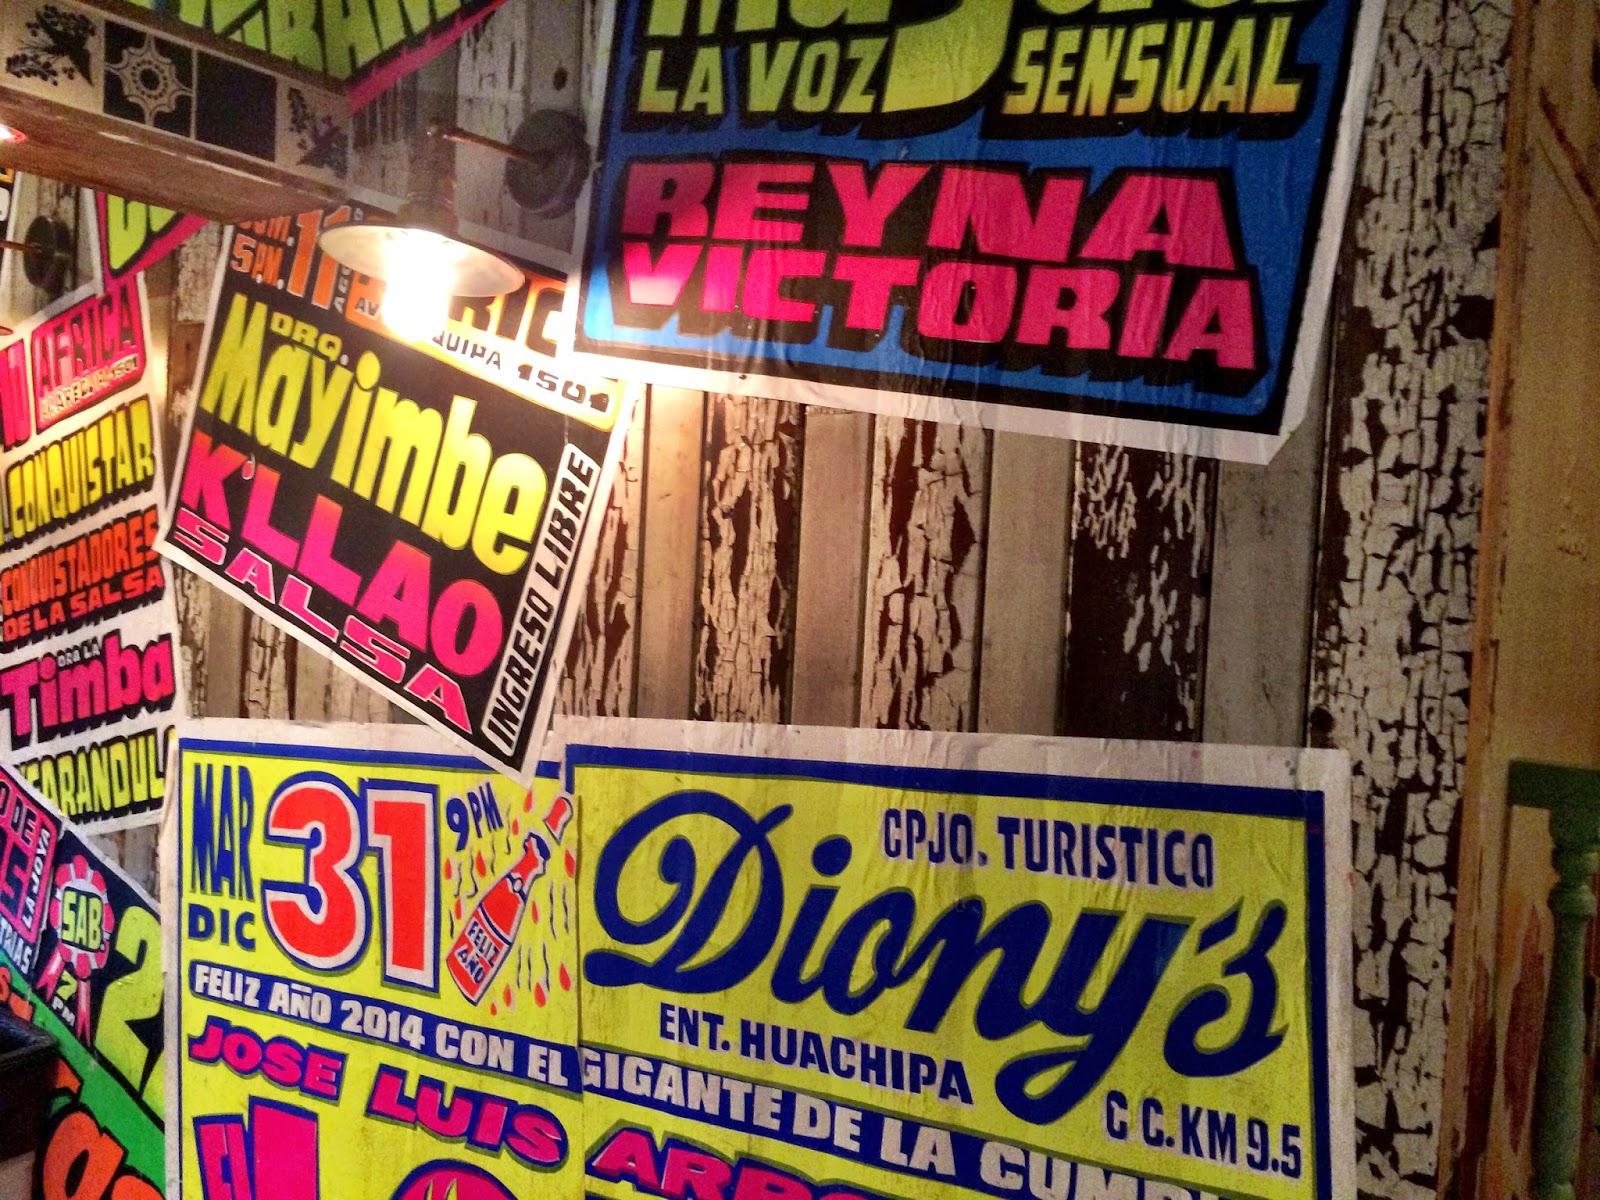 Senor Ceviche - Neon signs